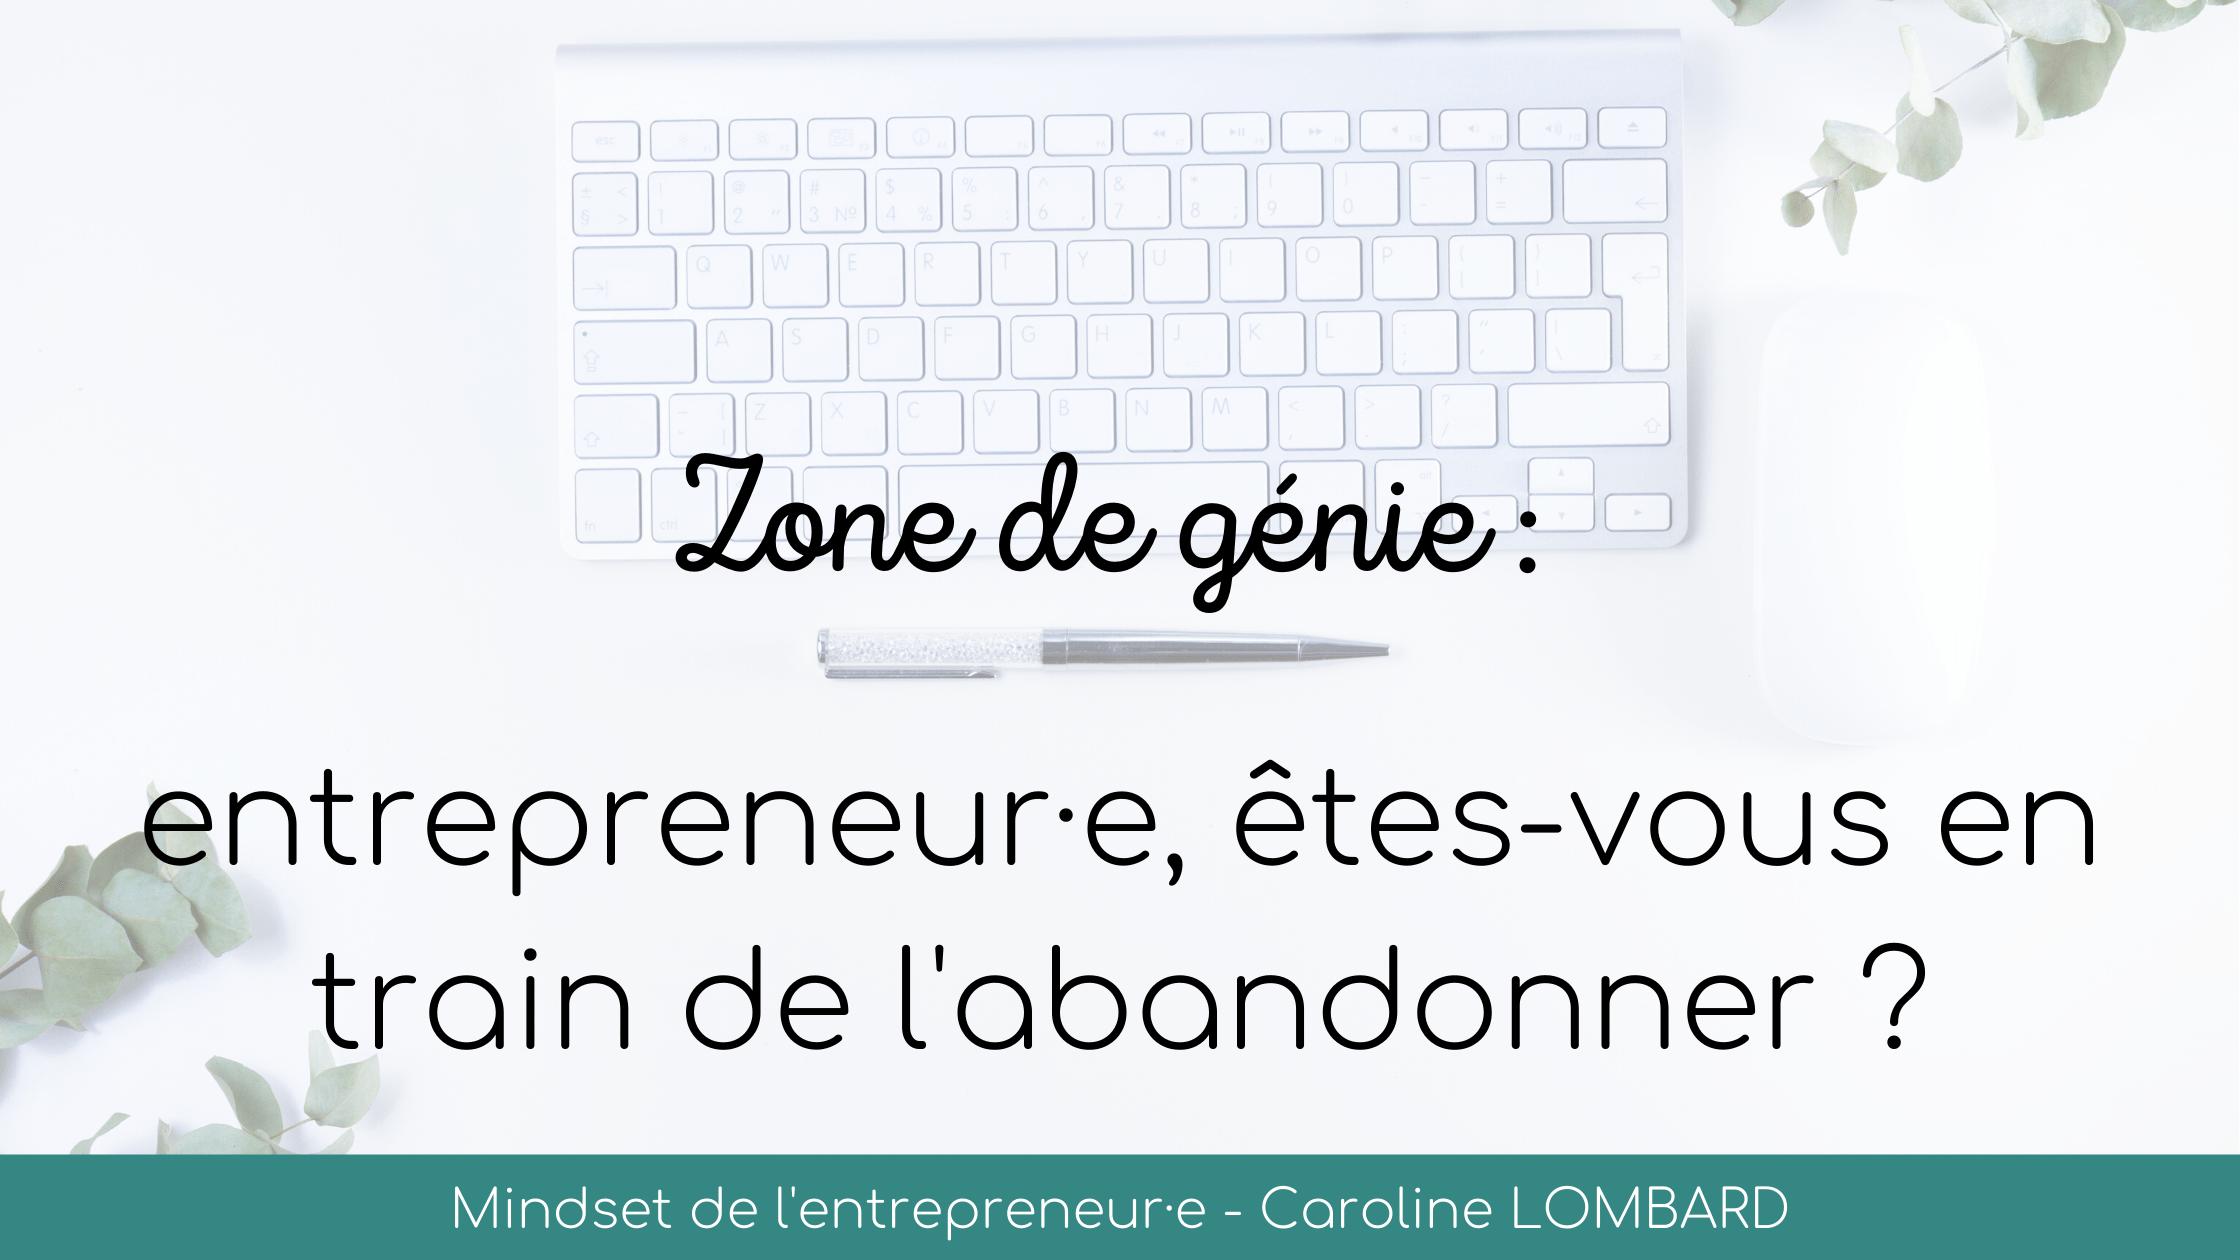 Zone-de-genie-entrepreneur·e-êtes-vous-en-train-de-l'abandonner